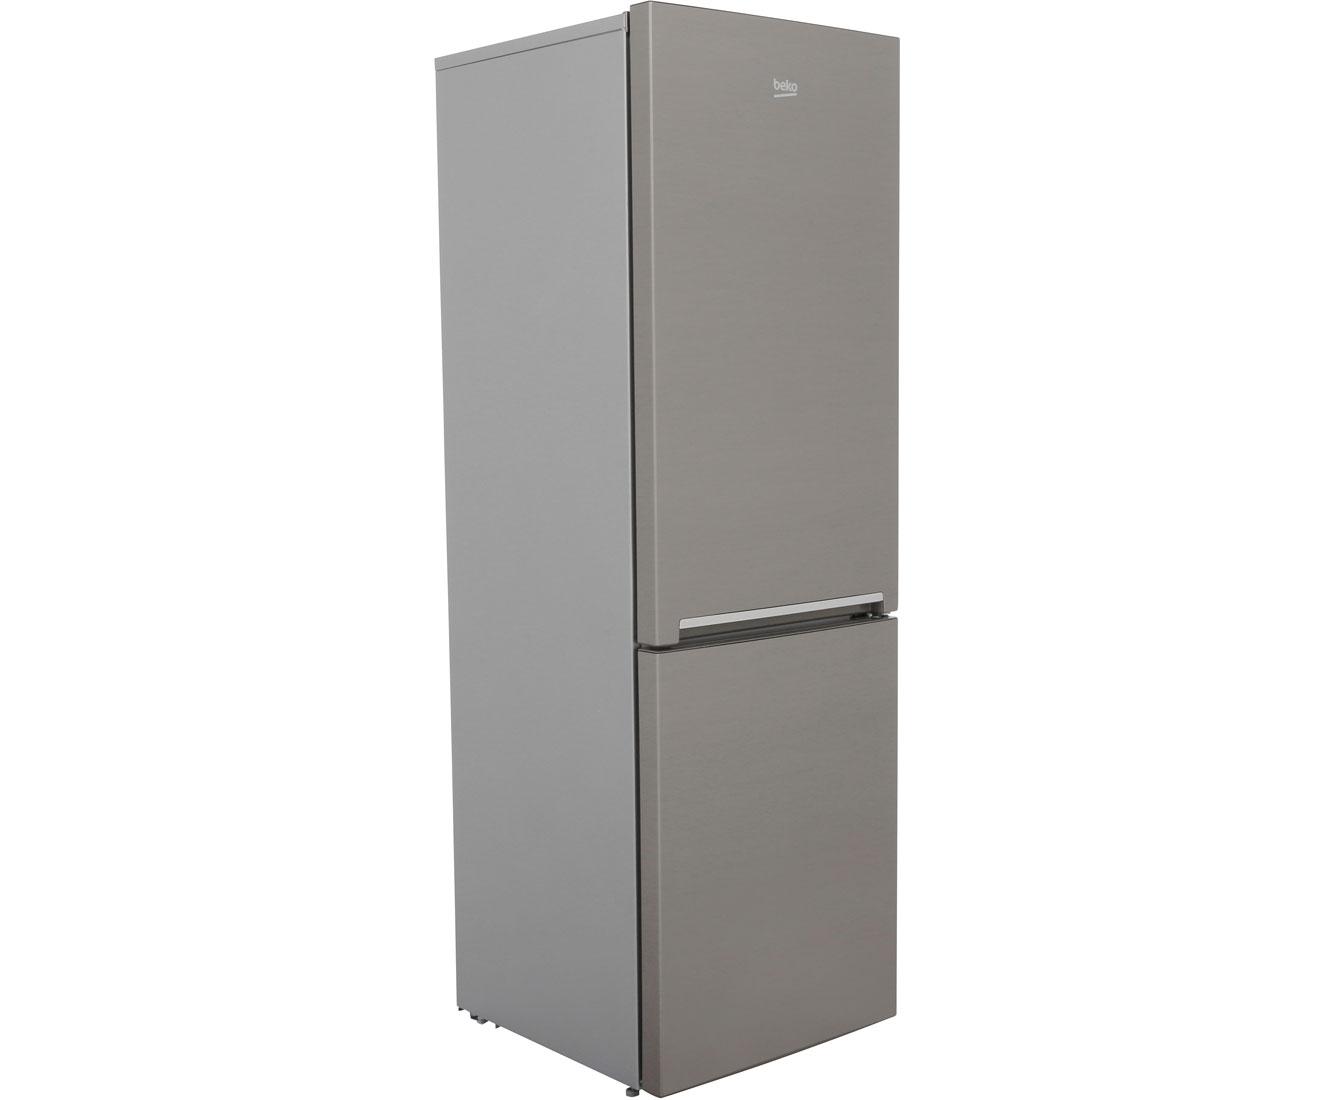 Mini Kühlschrank No Frost : Beko rcna365k30xp kühl gefrierkombination mit no frost 60er breite